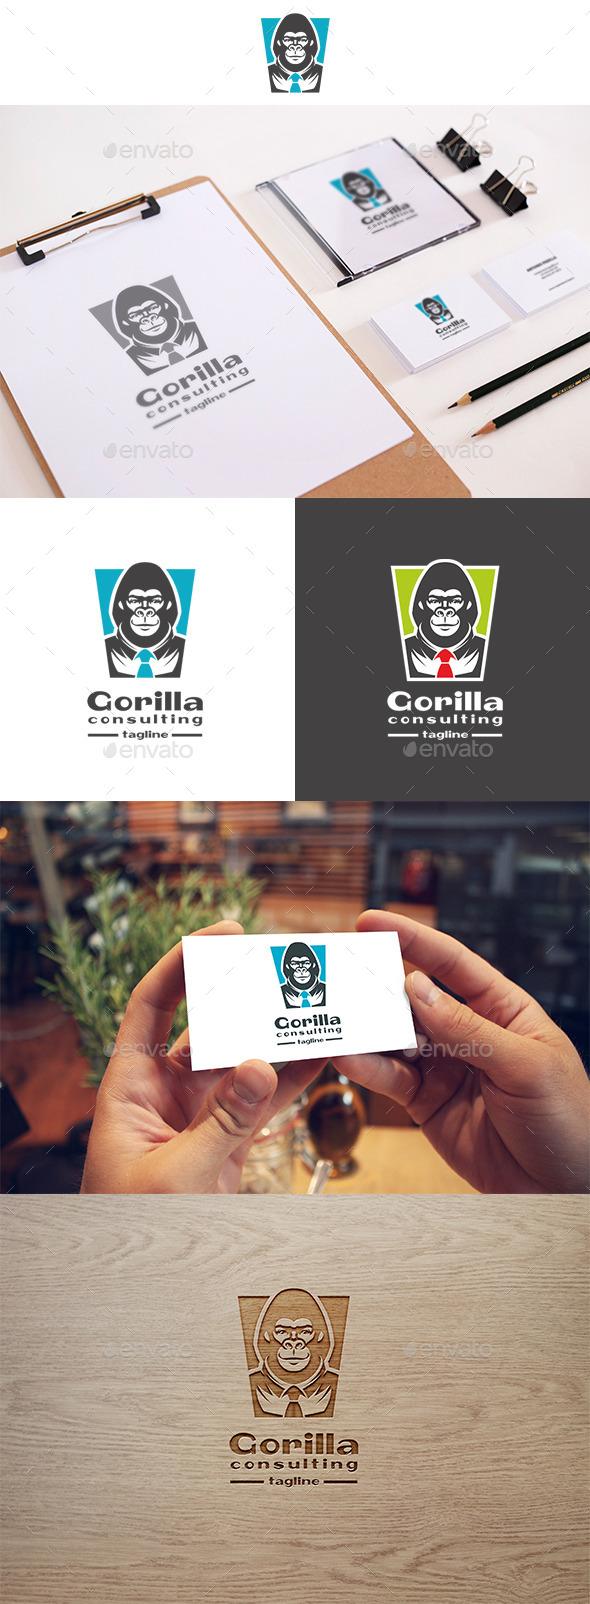 Gorilla Consulting Logo